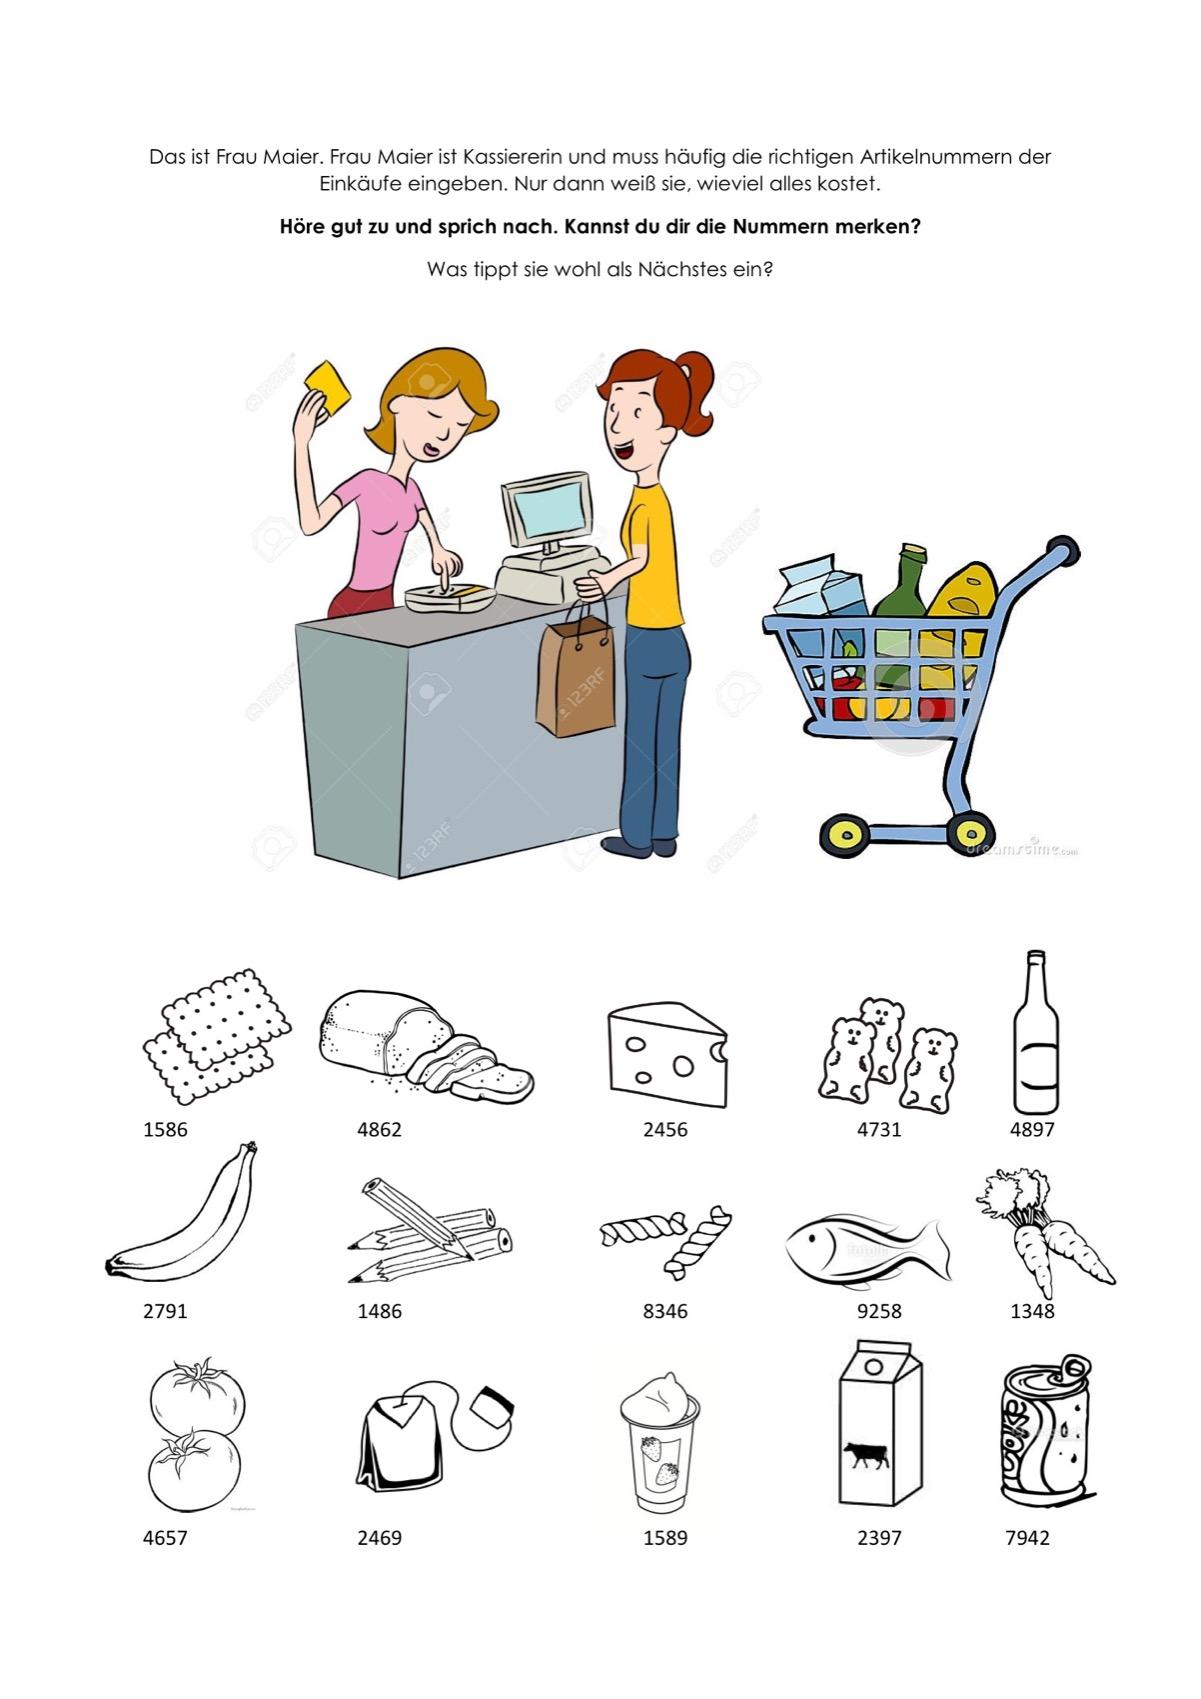 Sammlungen mit AVWS Einkaufen - Kindersprache - madoo.net